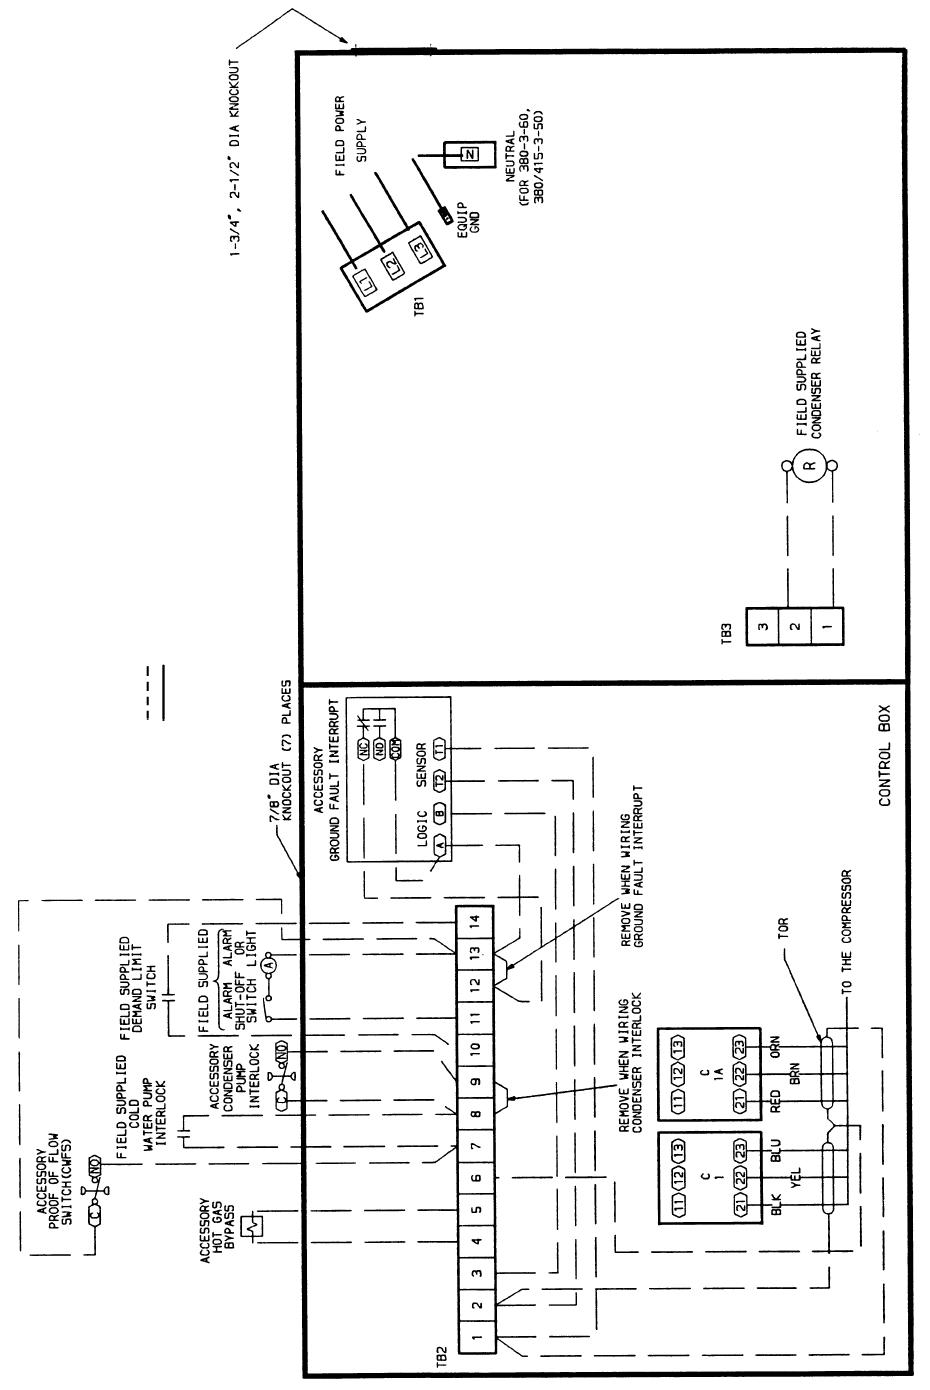 Carrier 060, 30HK040-060, 30HL050, 30HW018-040 Fig. 18